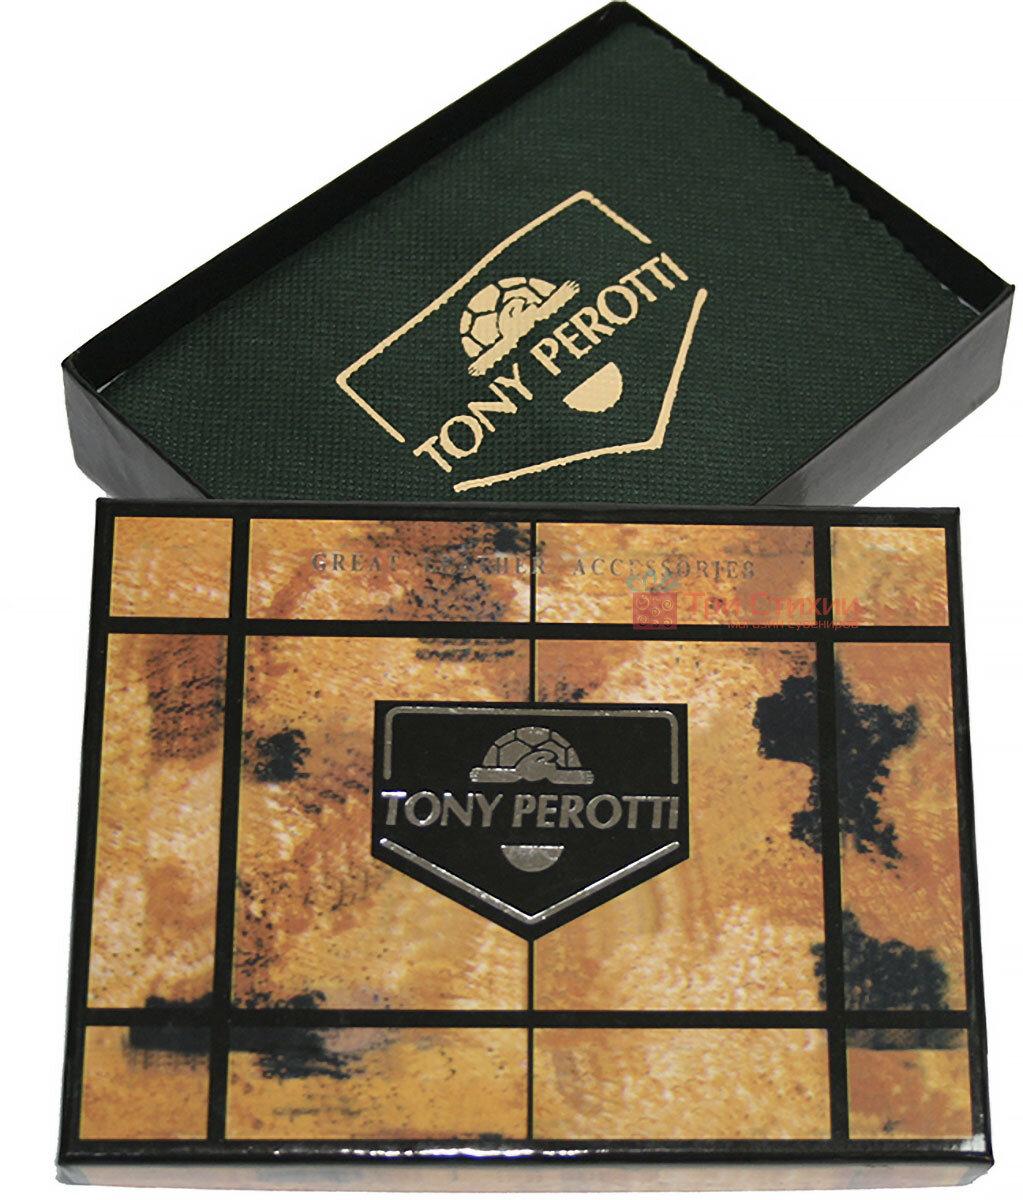 Ключниця Tony Perotti Italico 359-it nero Чорна, Колір: Чорний, фото 6